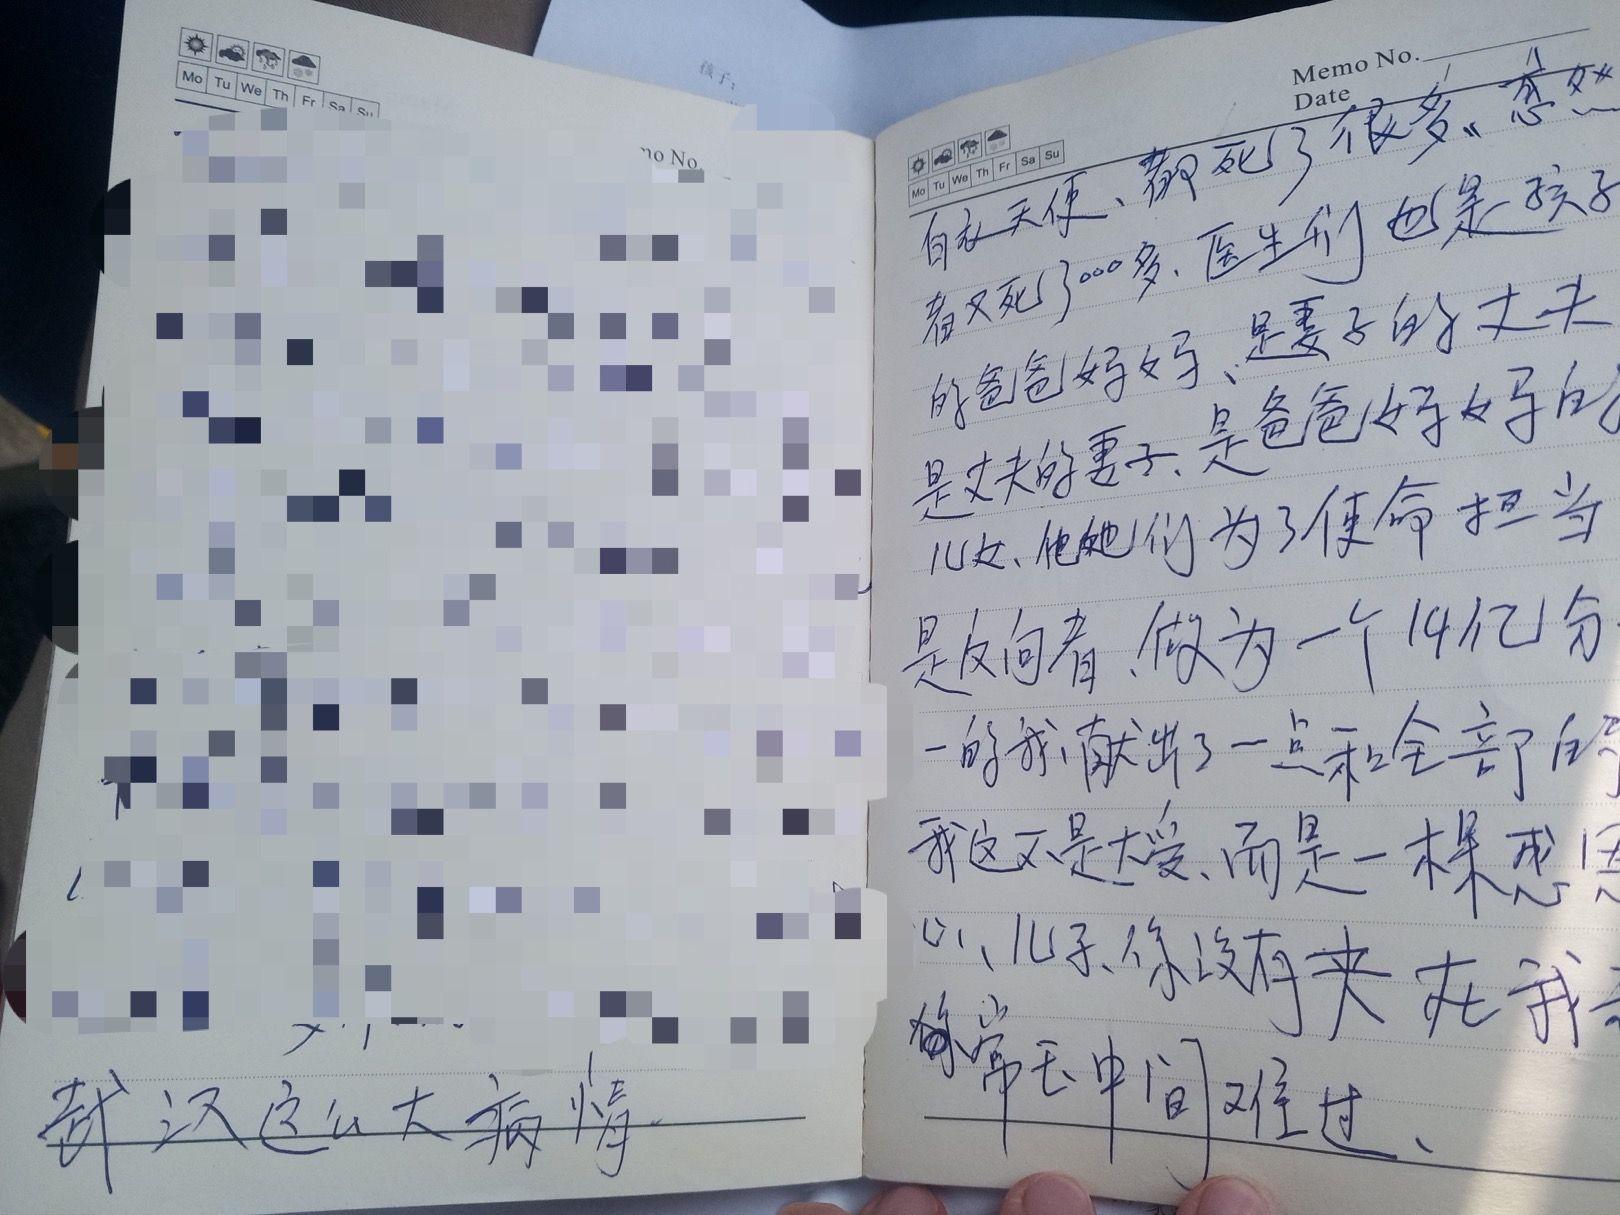 杭州一男子捐出13万全部存款,当地政府了解家境后退还